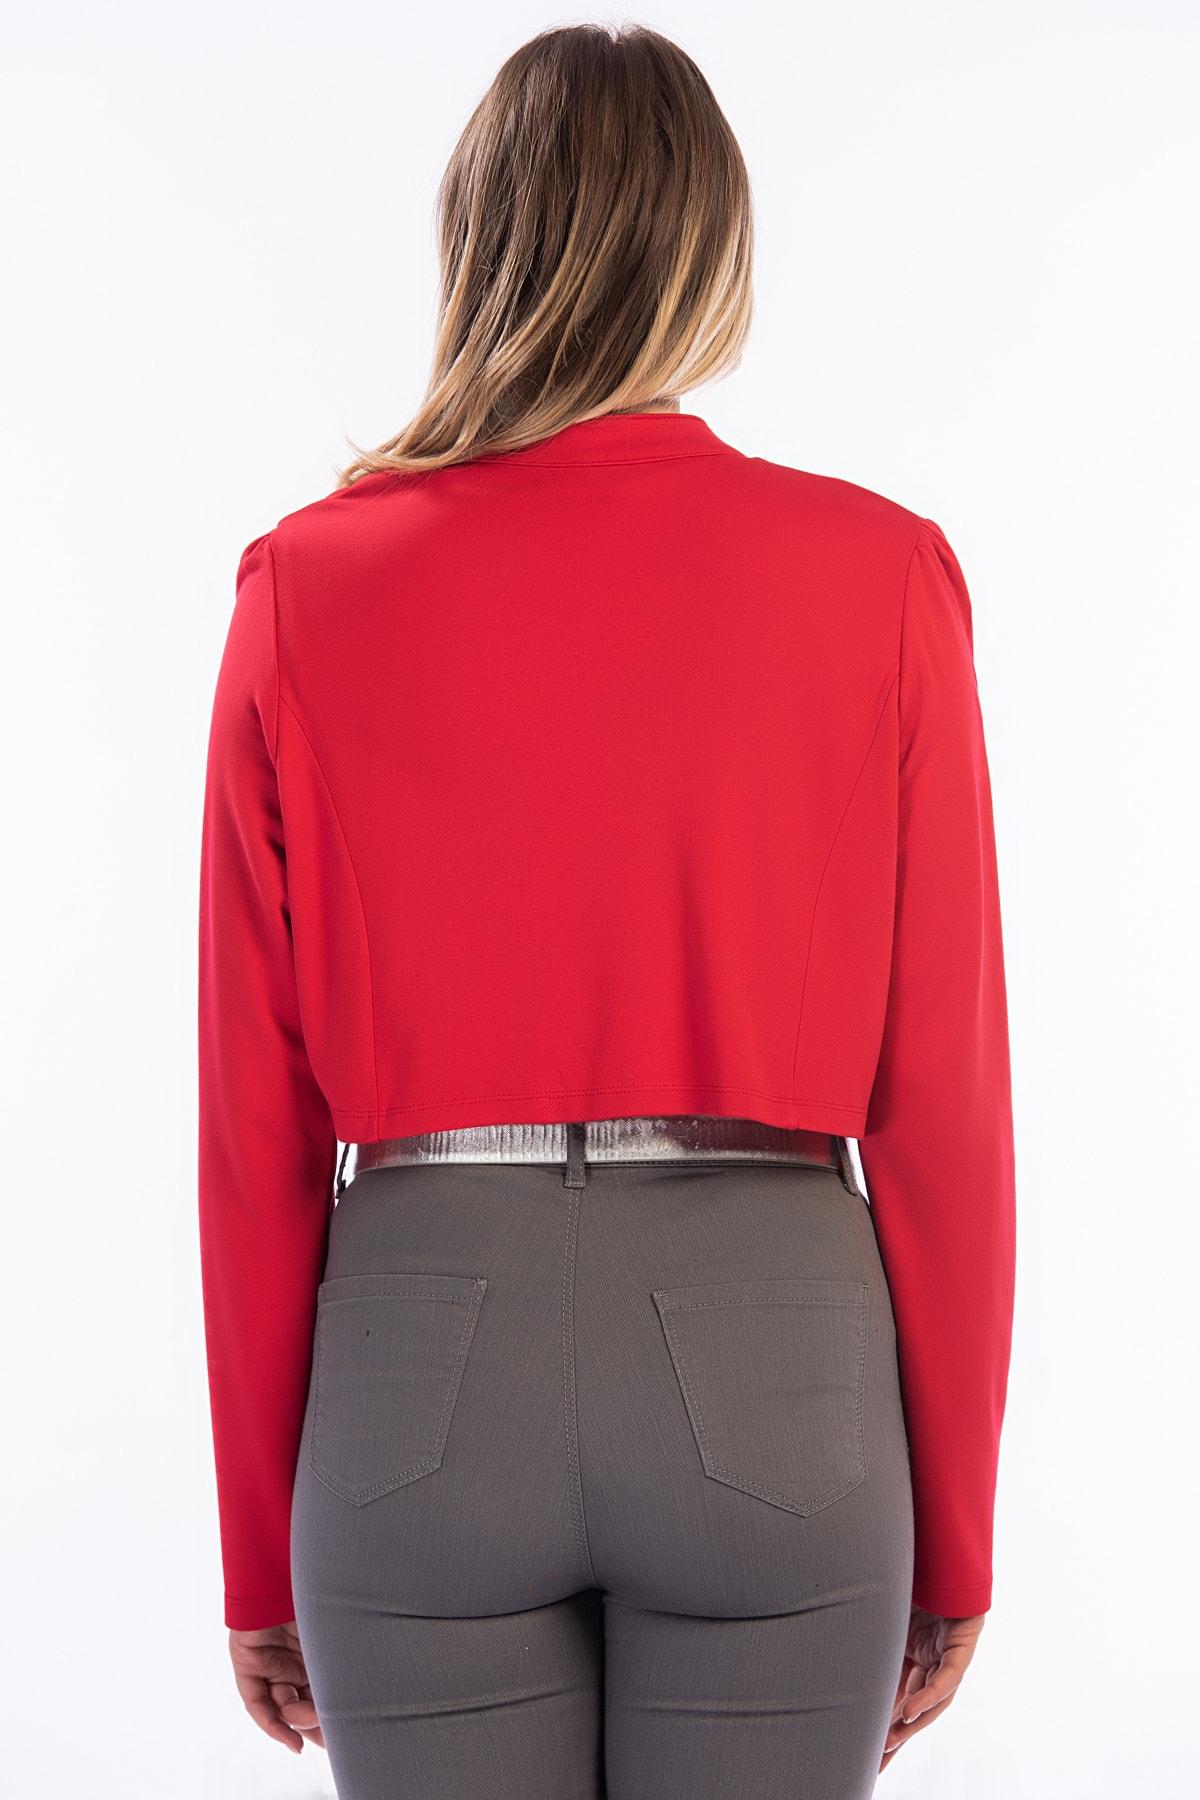 Şans Kadın Kırmızı Düğme Detaylı Kısa Bolero Ceket 26A12715Kırmızı 2